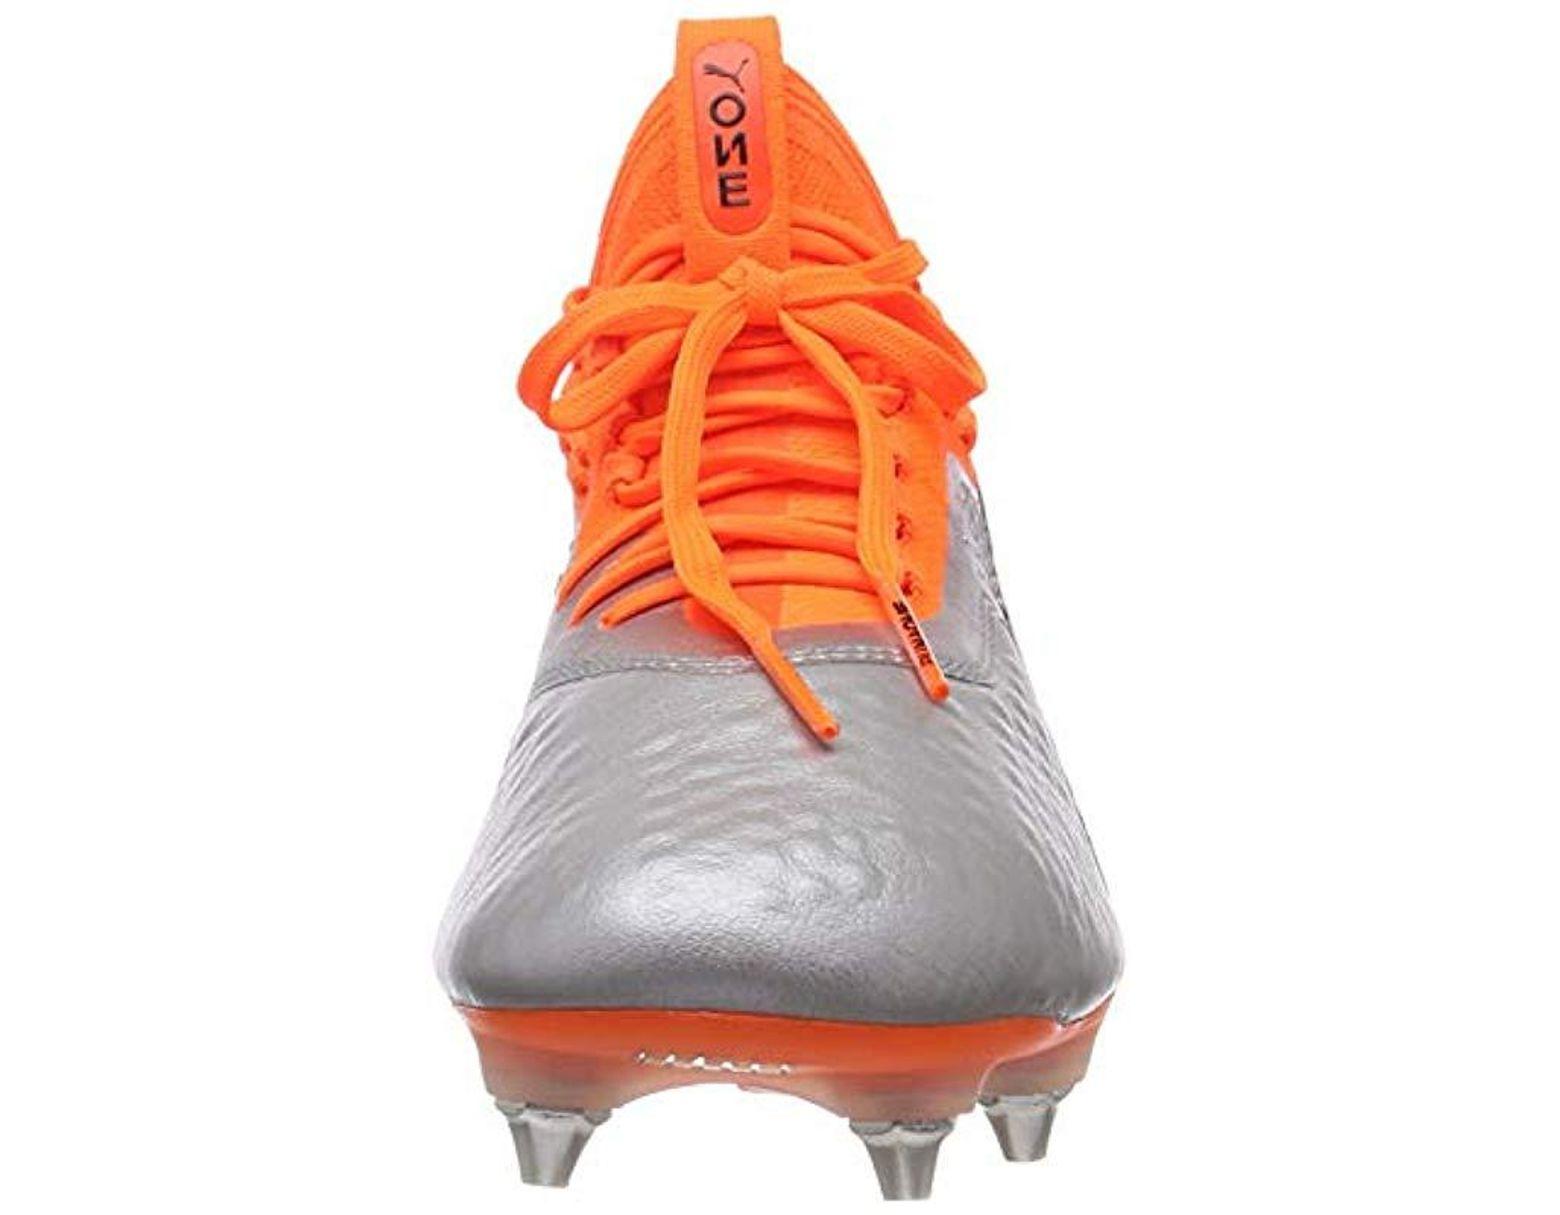 Puma Save Sg One For Footbal 1 Lth In Orange 40Lyst Shoes Mx Men qzpVMGSU